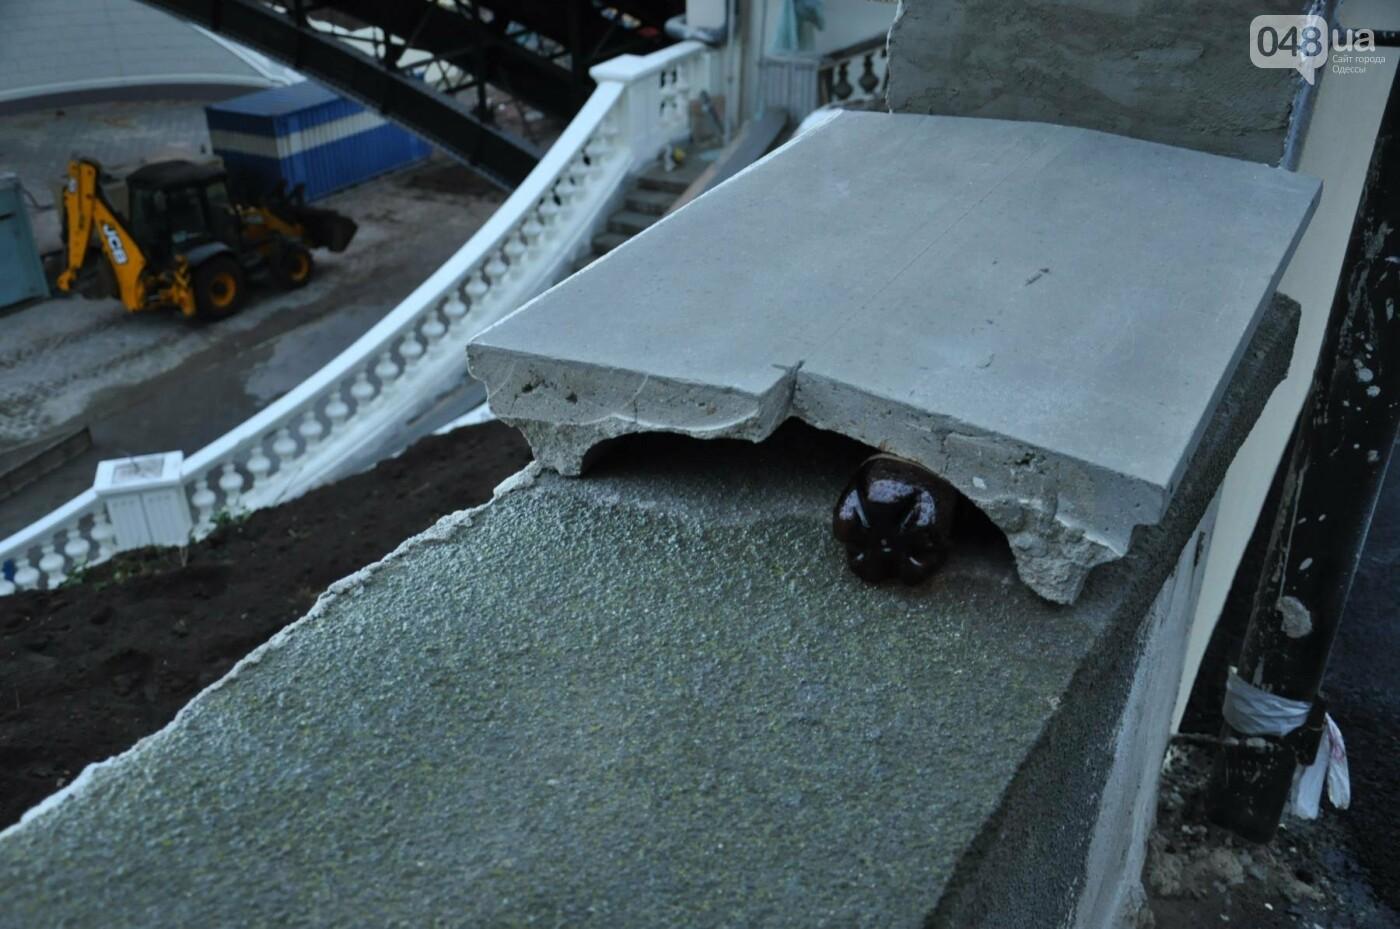 На реконструируемом мосту в Одессе провалился свежий асфальт (ФОТО), фото-12